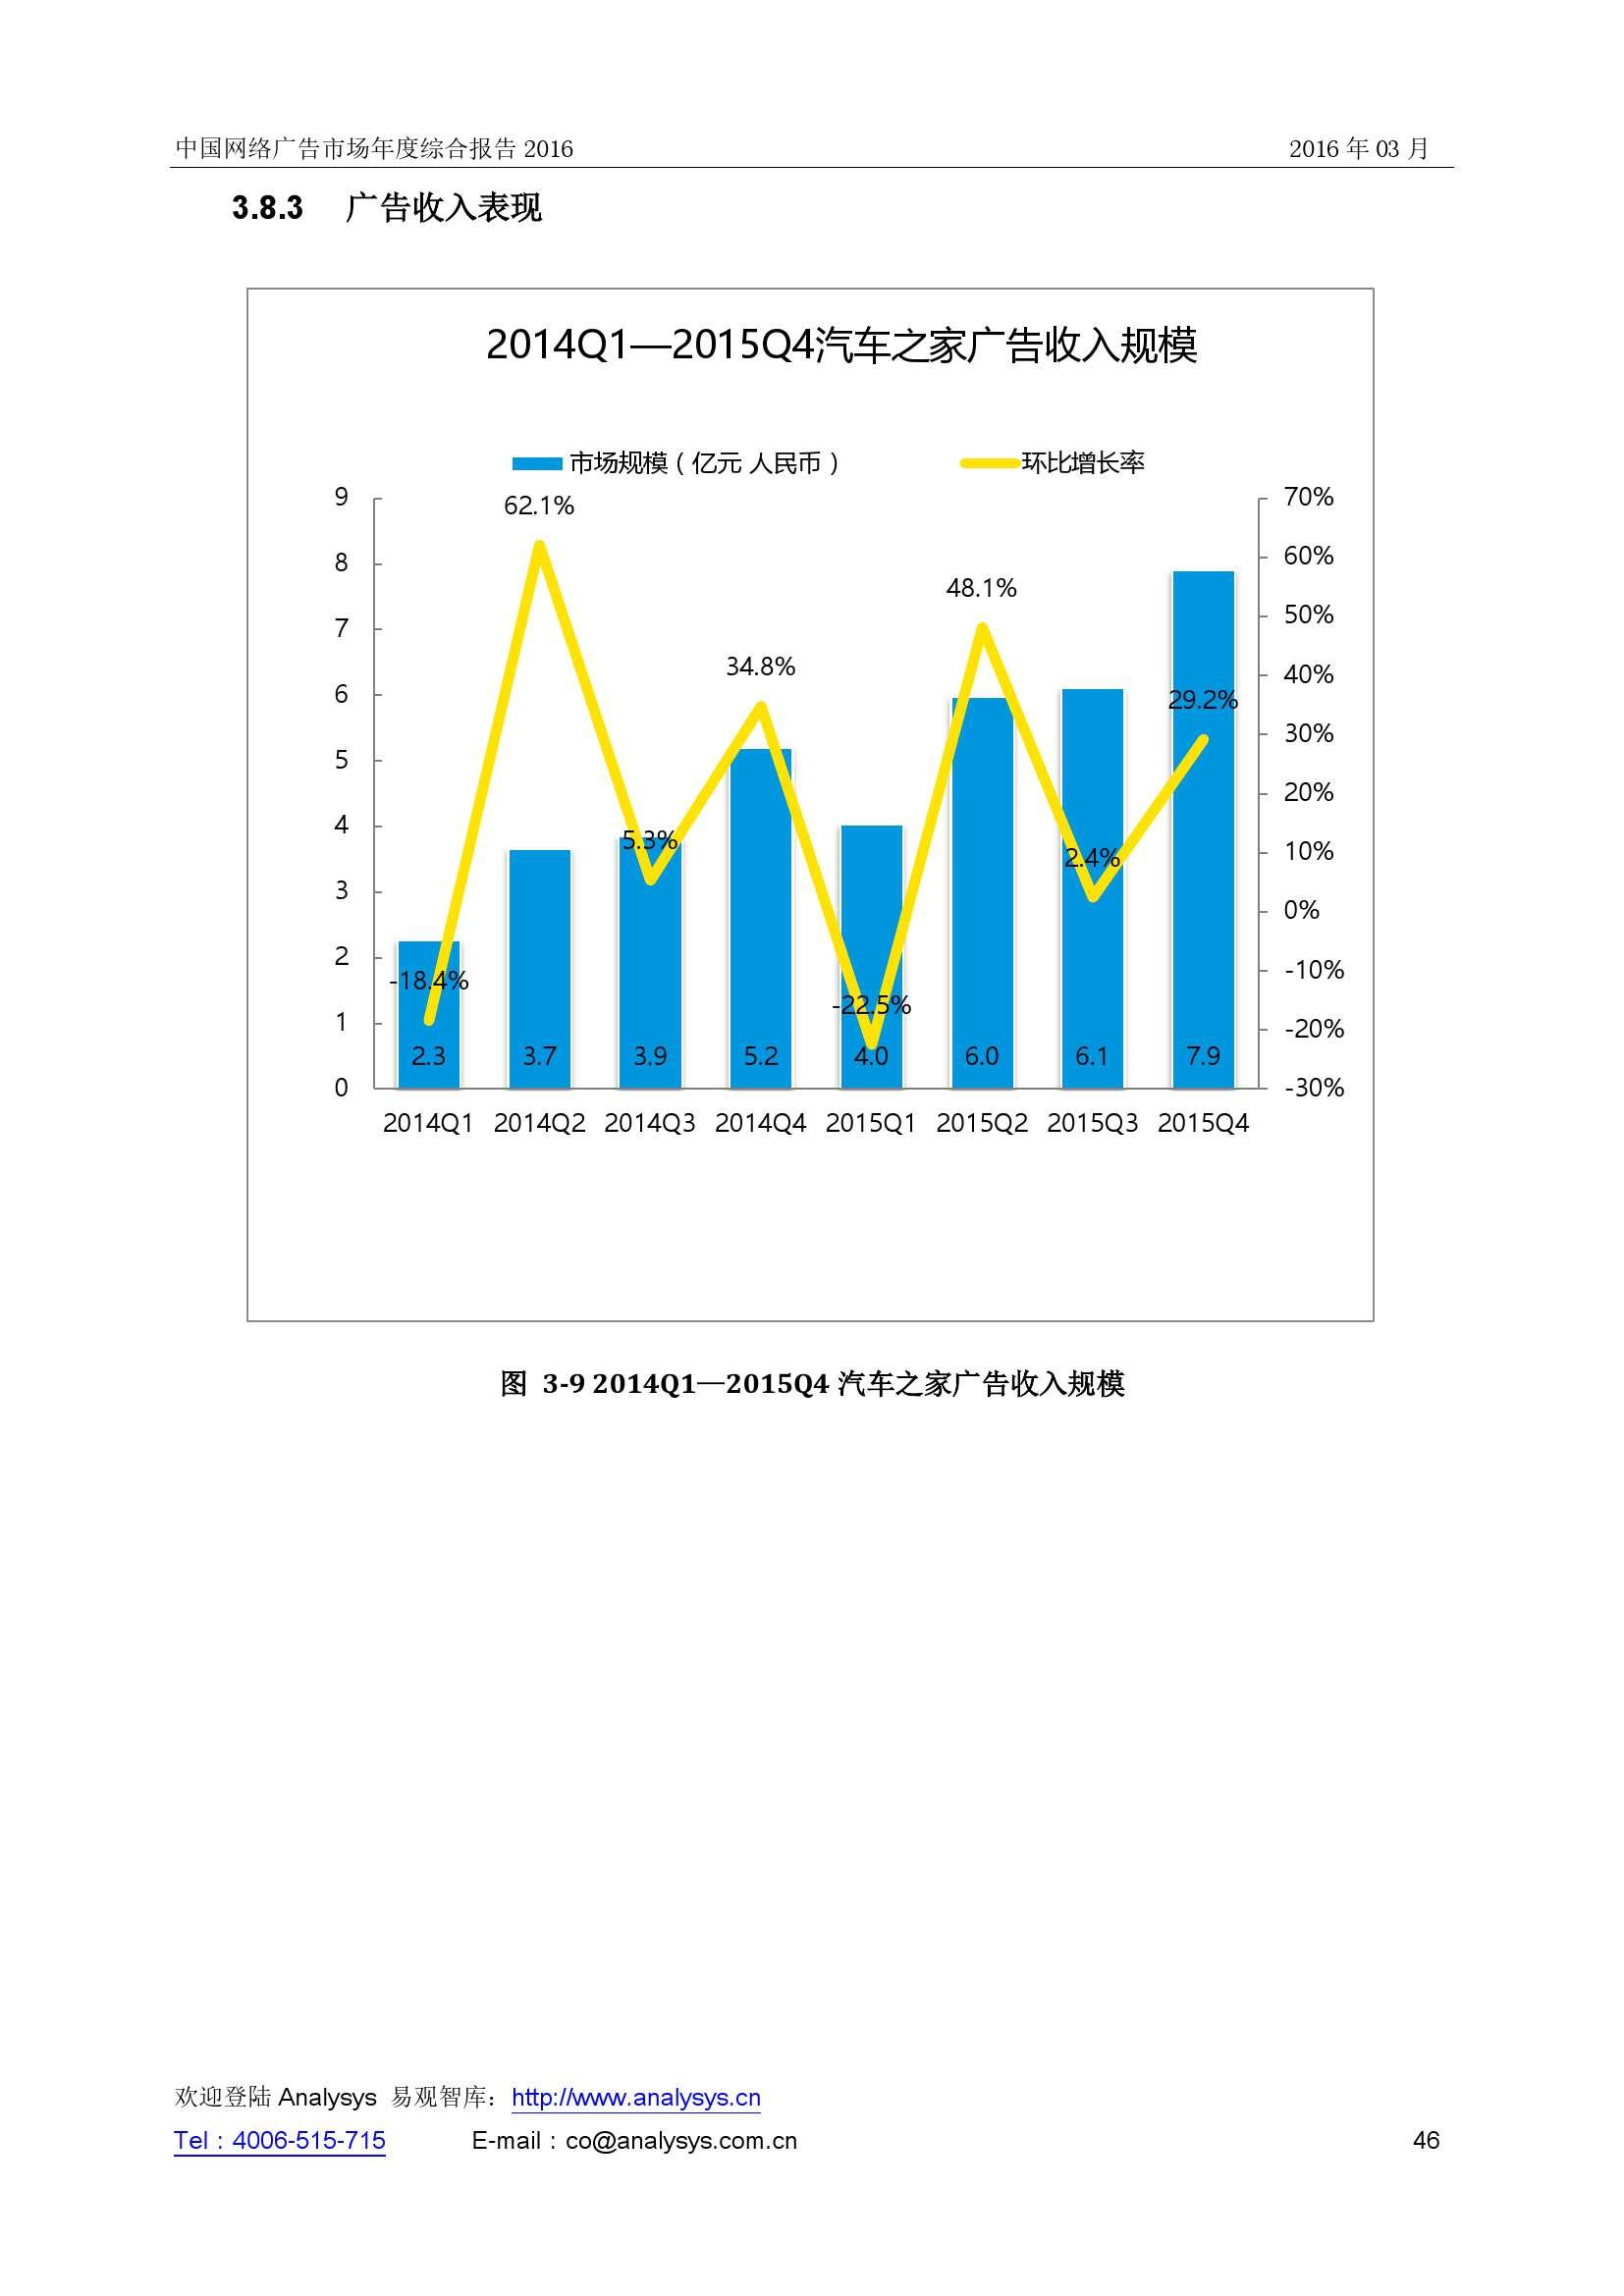 中国网络广告市场年度综合报告2016_000046